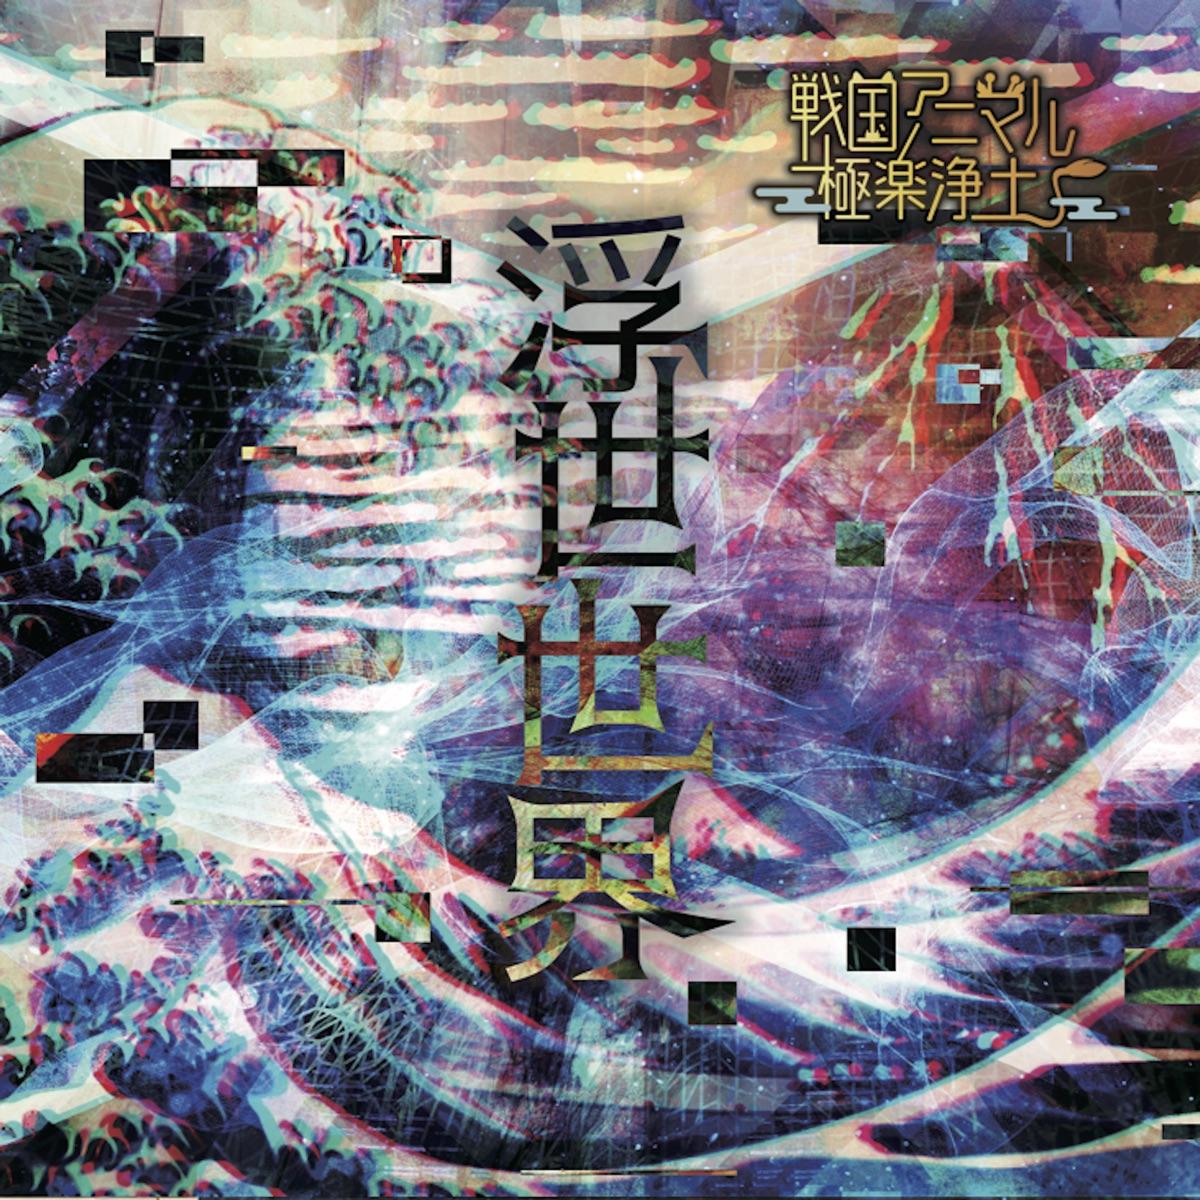 『戦国アニマル極楽浄土 - ヒトエニ』収録の『浮世世界』ジャケット